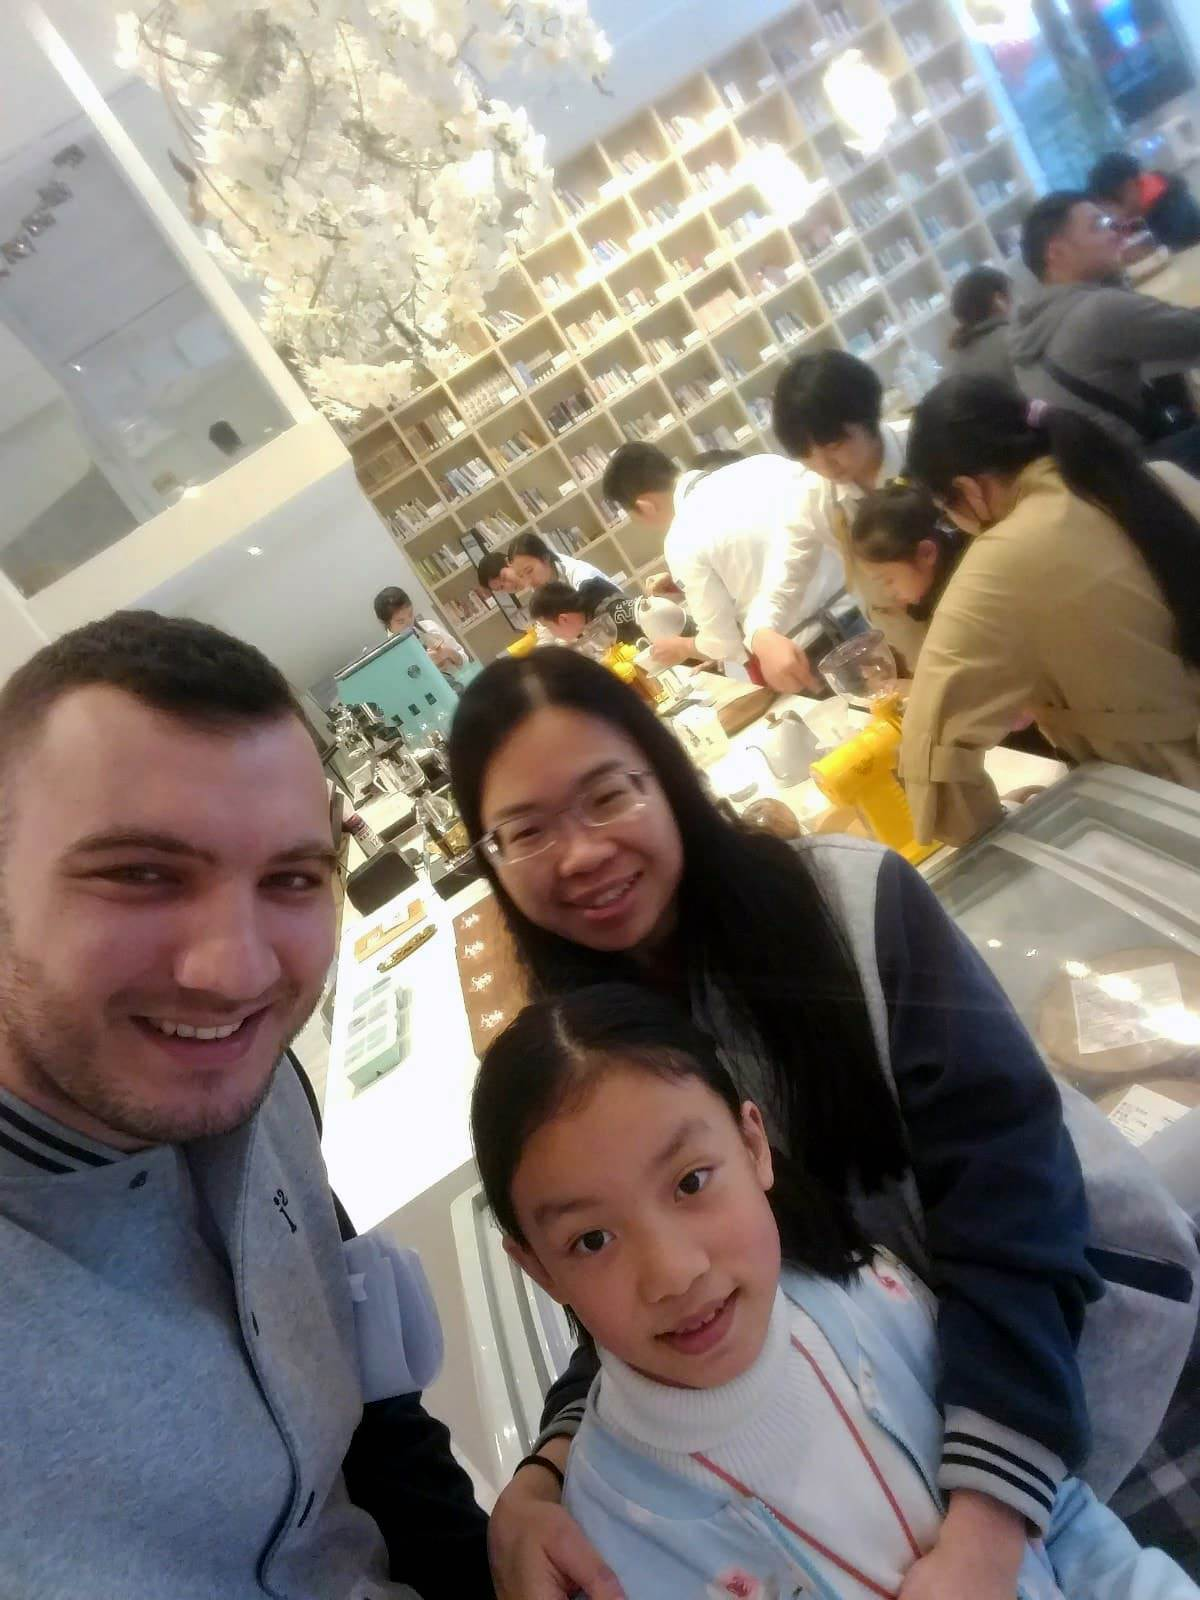 Naš profesor u Kini: Ovo je utopija